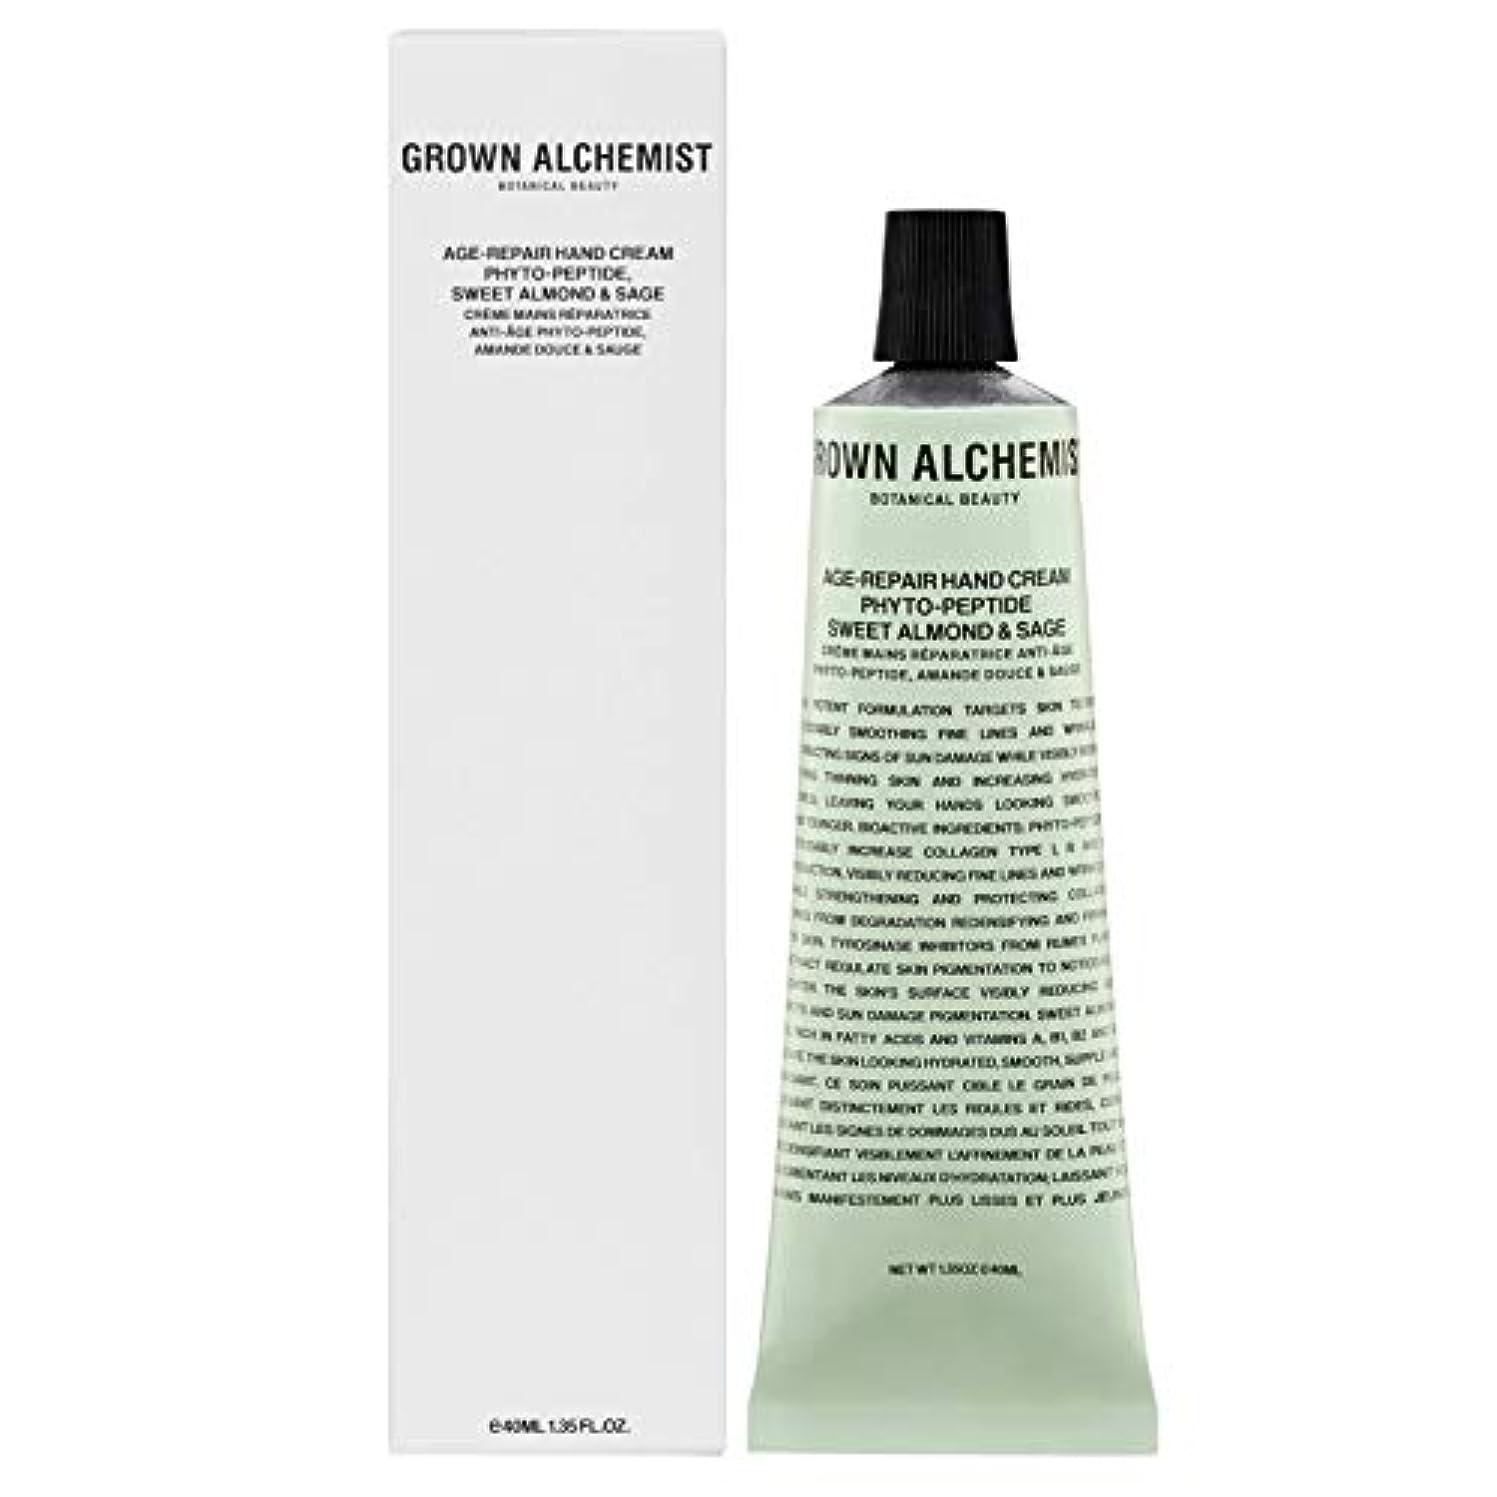 カセット電気取得Grown Alchemist Age-Repair Hand Cream - Phyto-Peptide, Sweet Almond & Sage 40ml/1.35oz並行輸入品